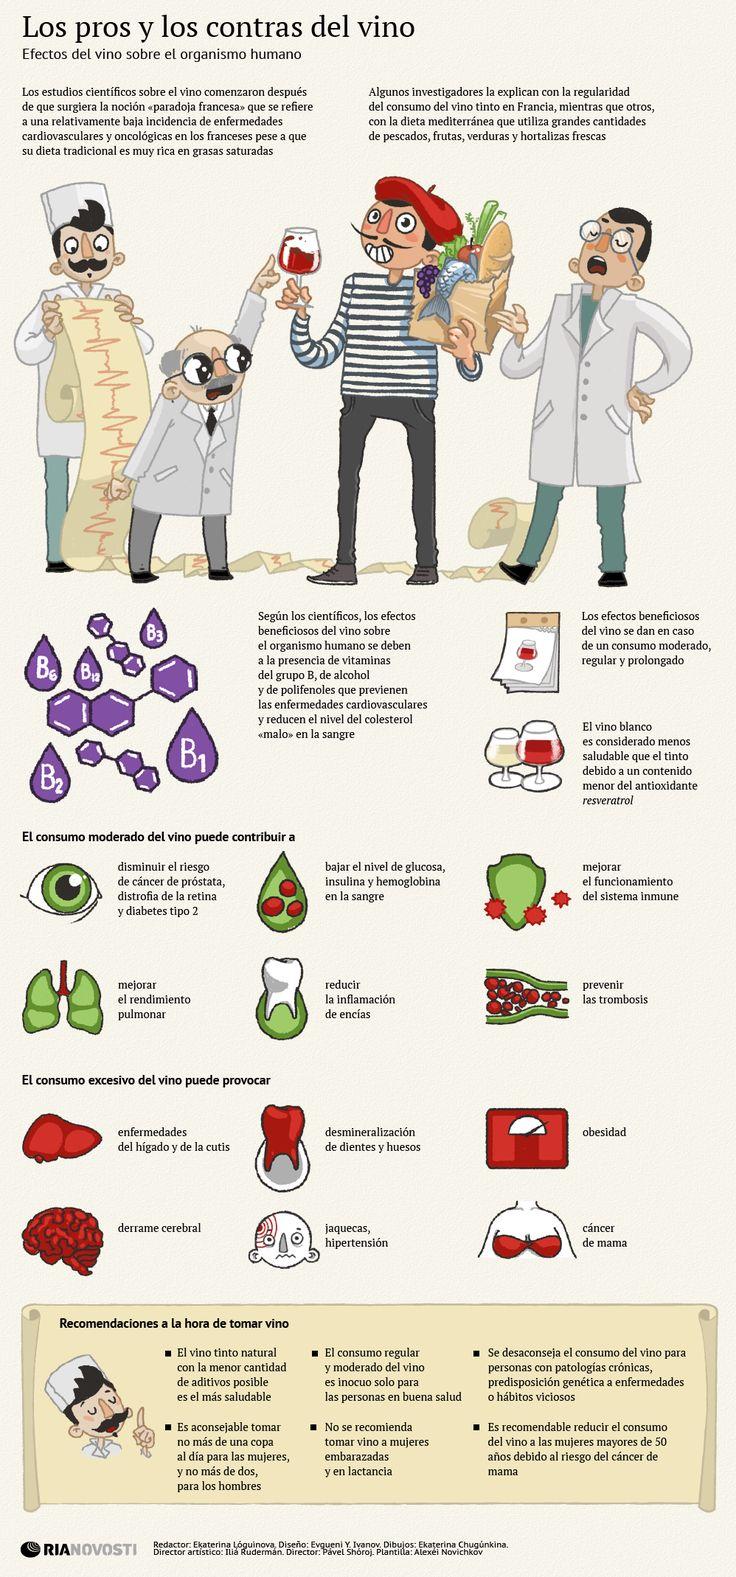 Infographic los pros y los contras de vino the pros and cons of wine teaching spanish - Microcemento pros y contras ...